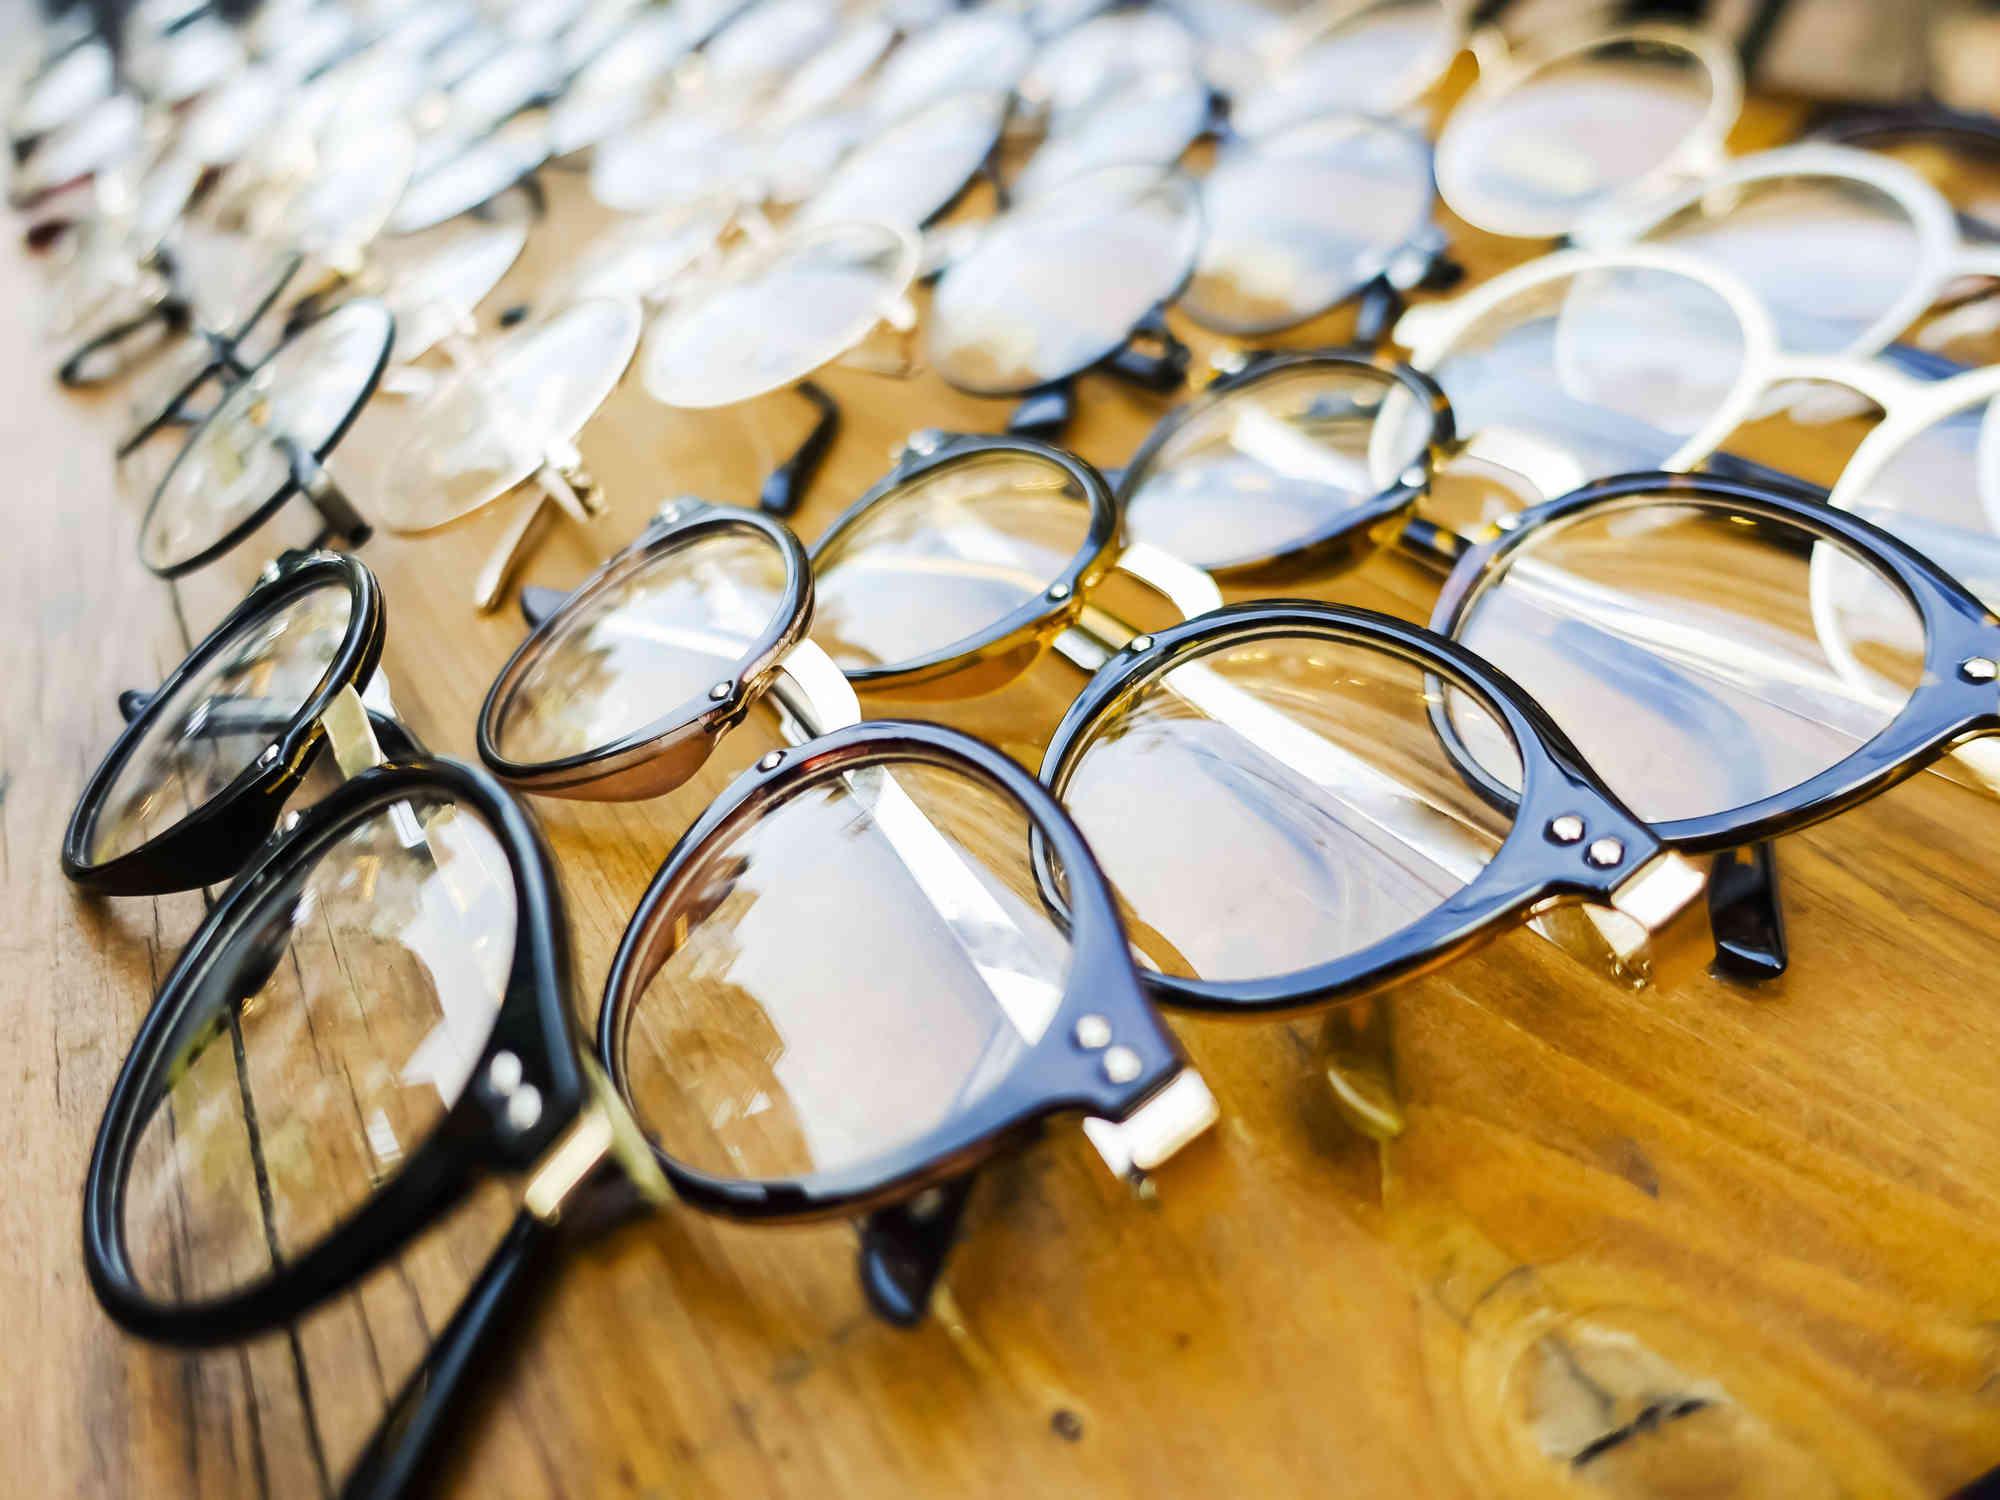 글로벌 처방 렌즈 시장